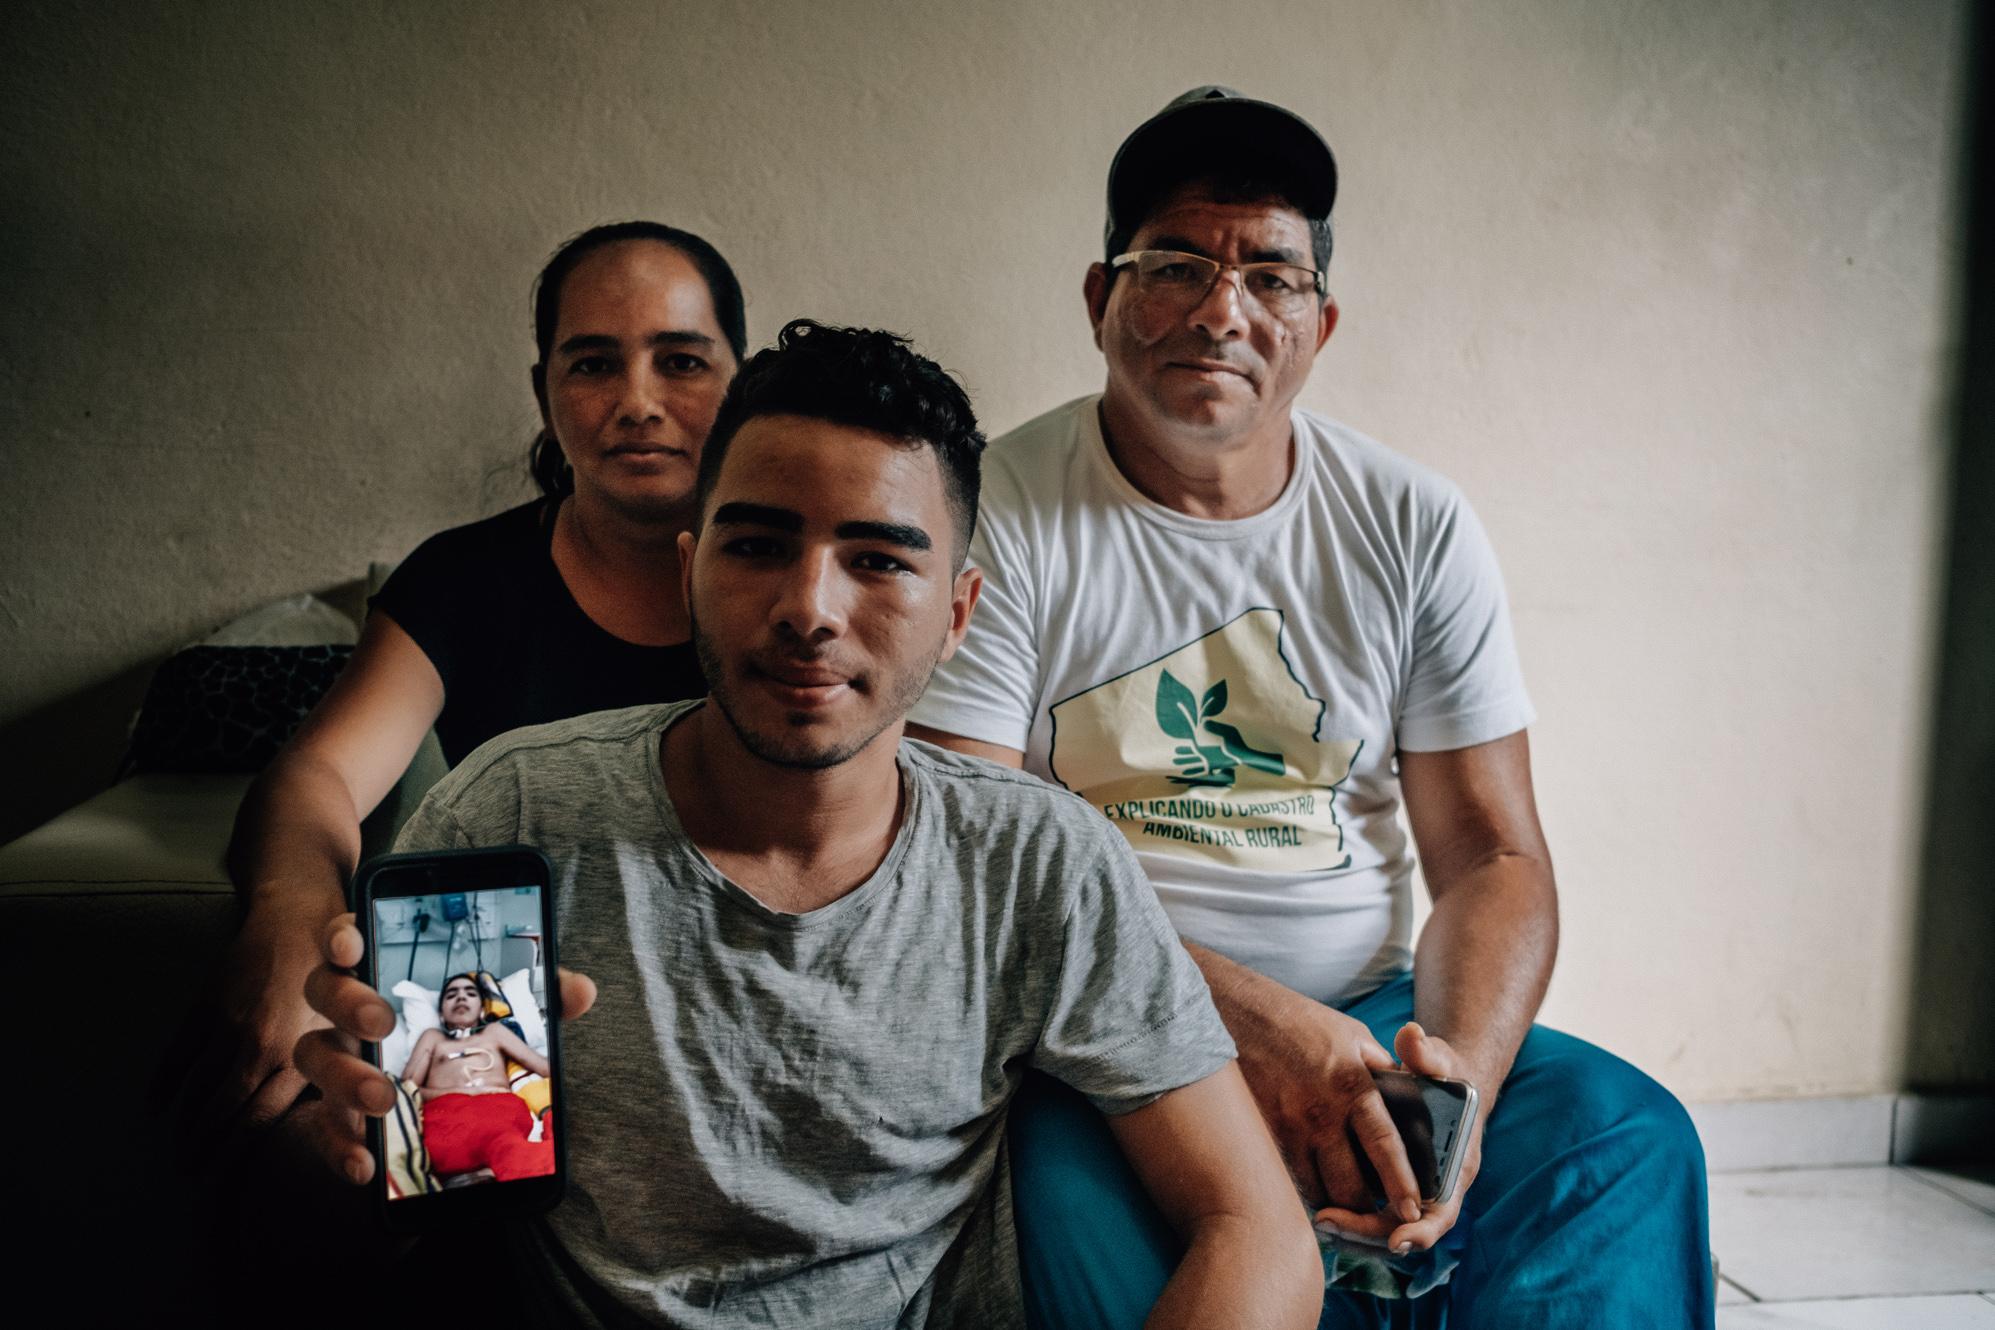 Família de menino, curado da raiva humana, vive em situação vulnerável em Manaus